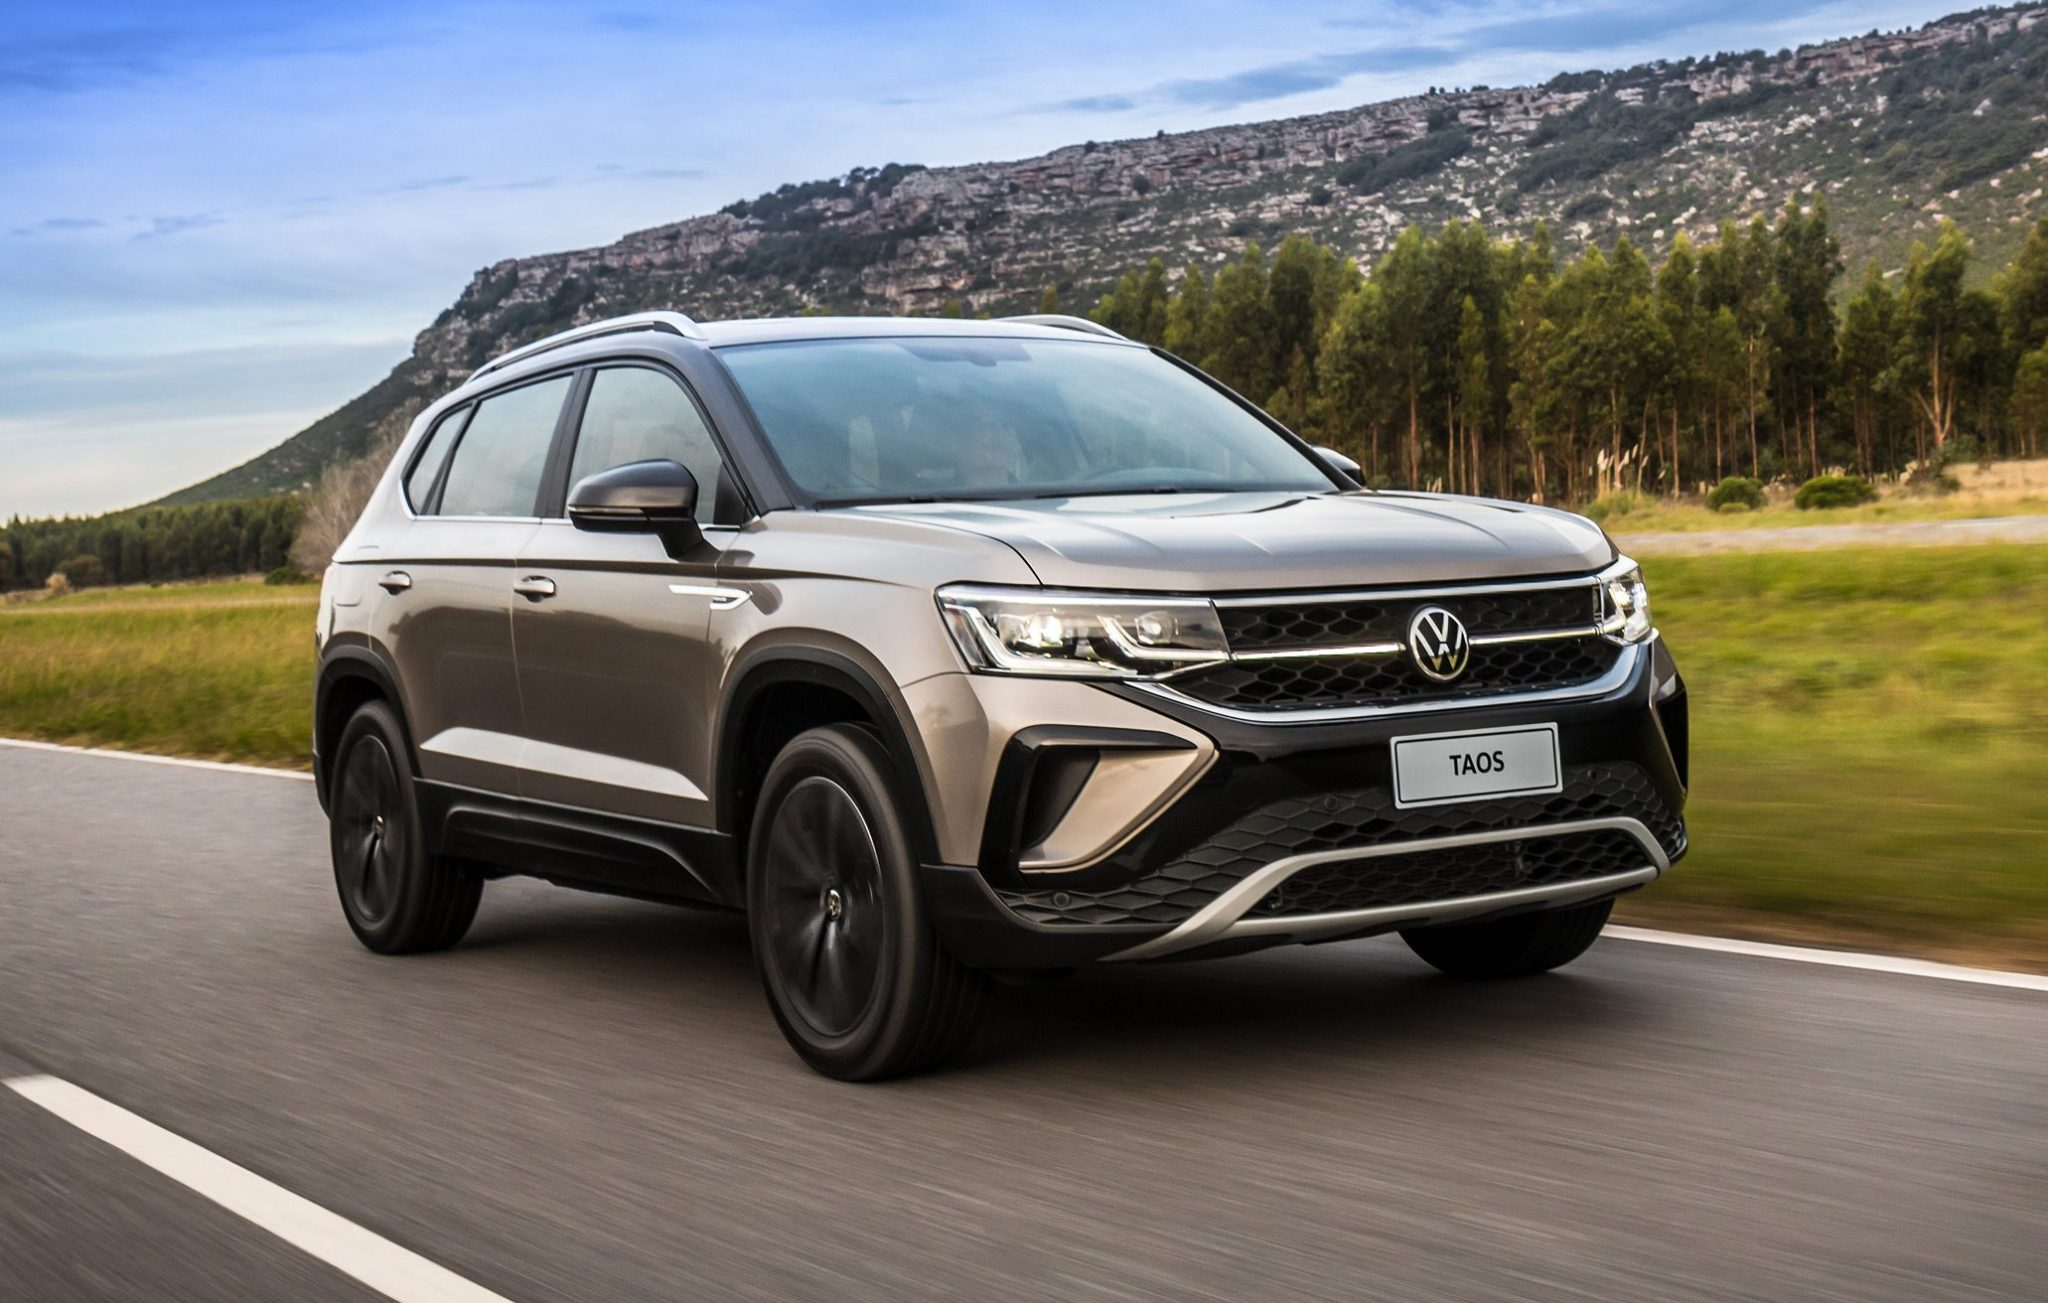 Volkswagen Taos